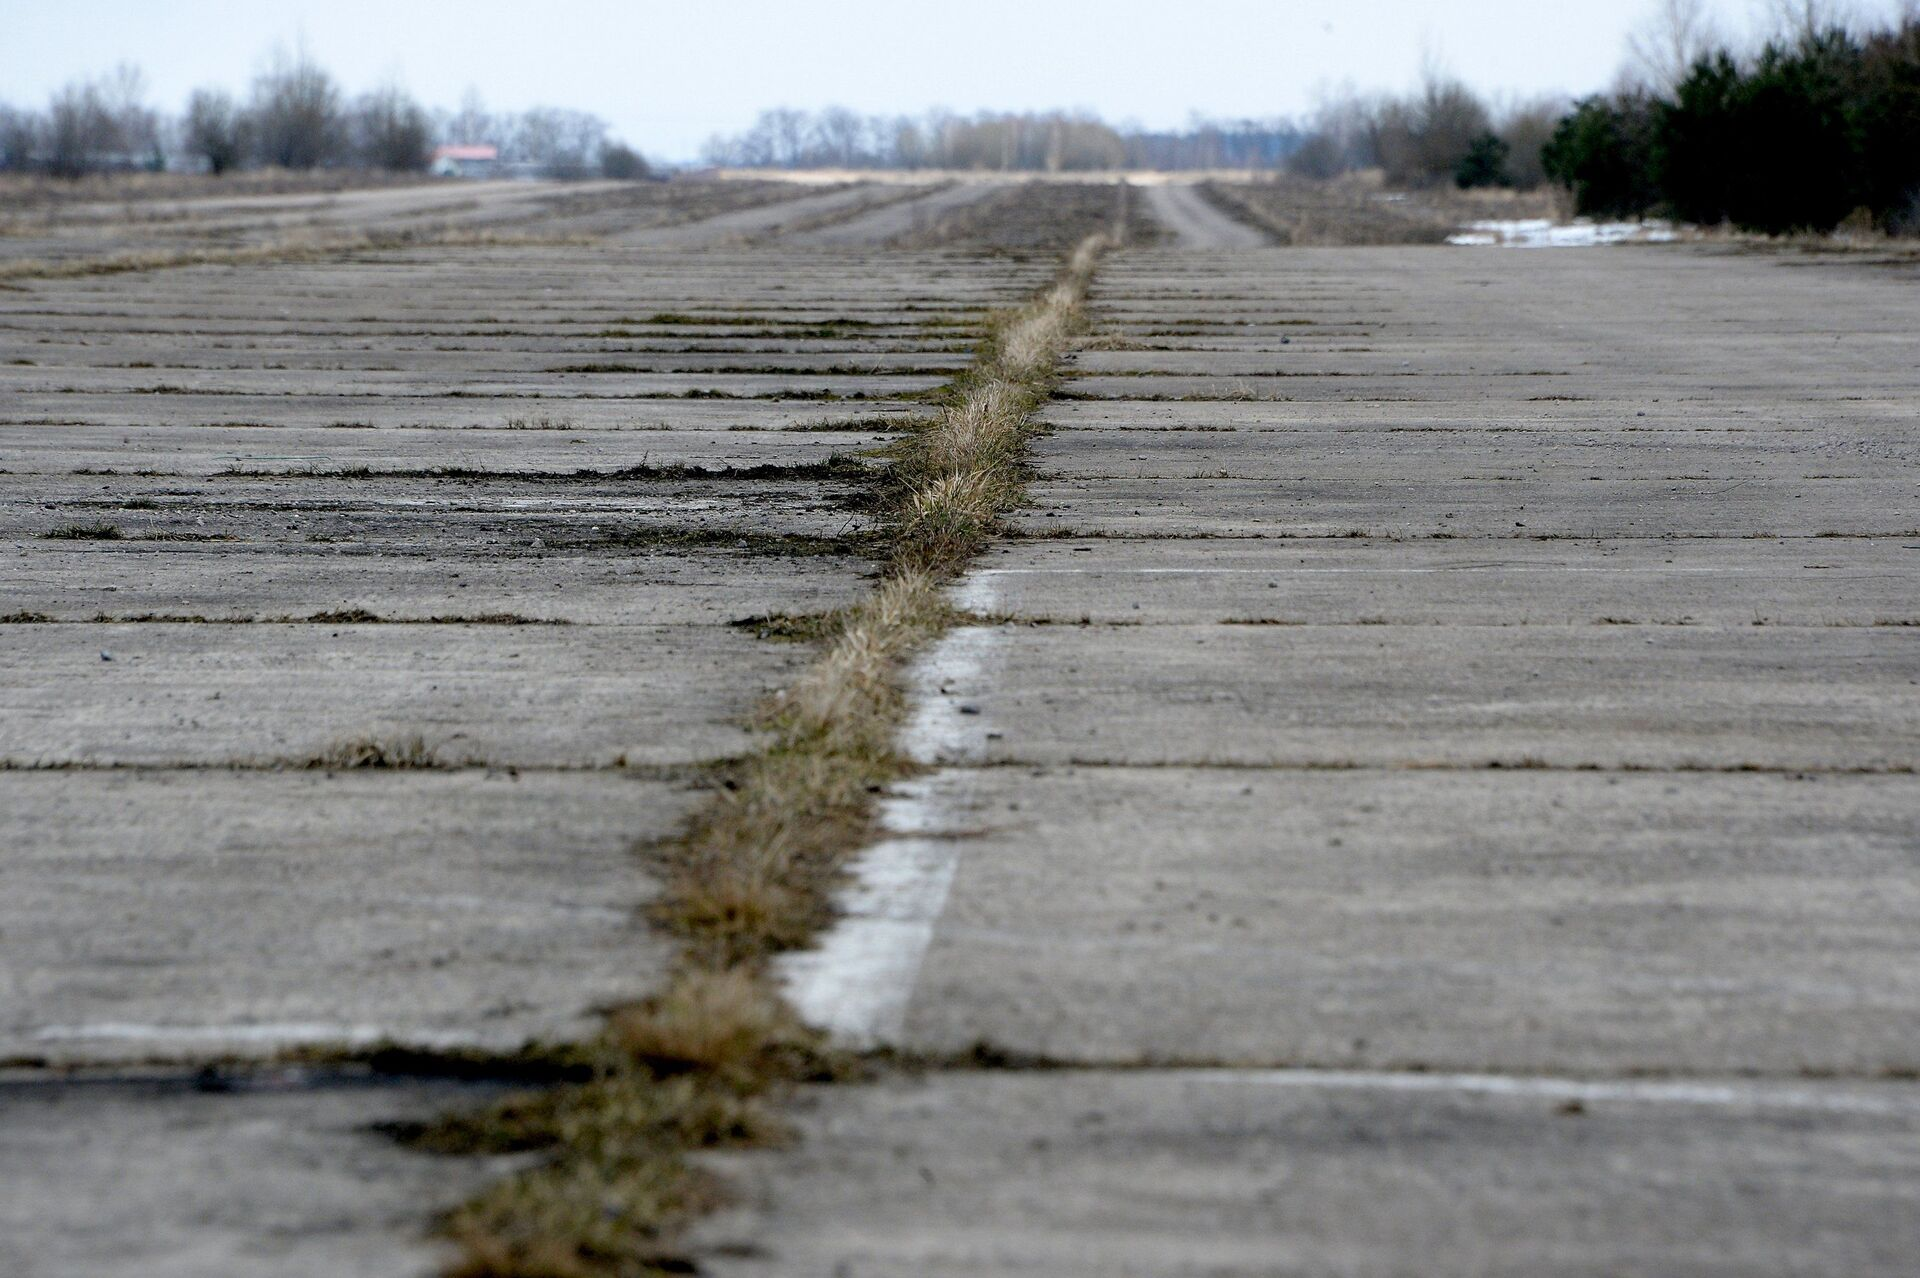 По улетной цене: как выглядит военный аэродром, который пустят с молотка - Sputnik Беларусь, 1920, 01.04.2021